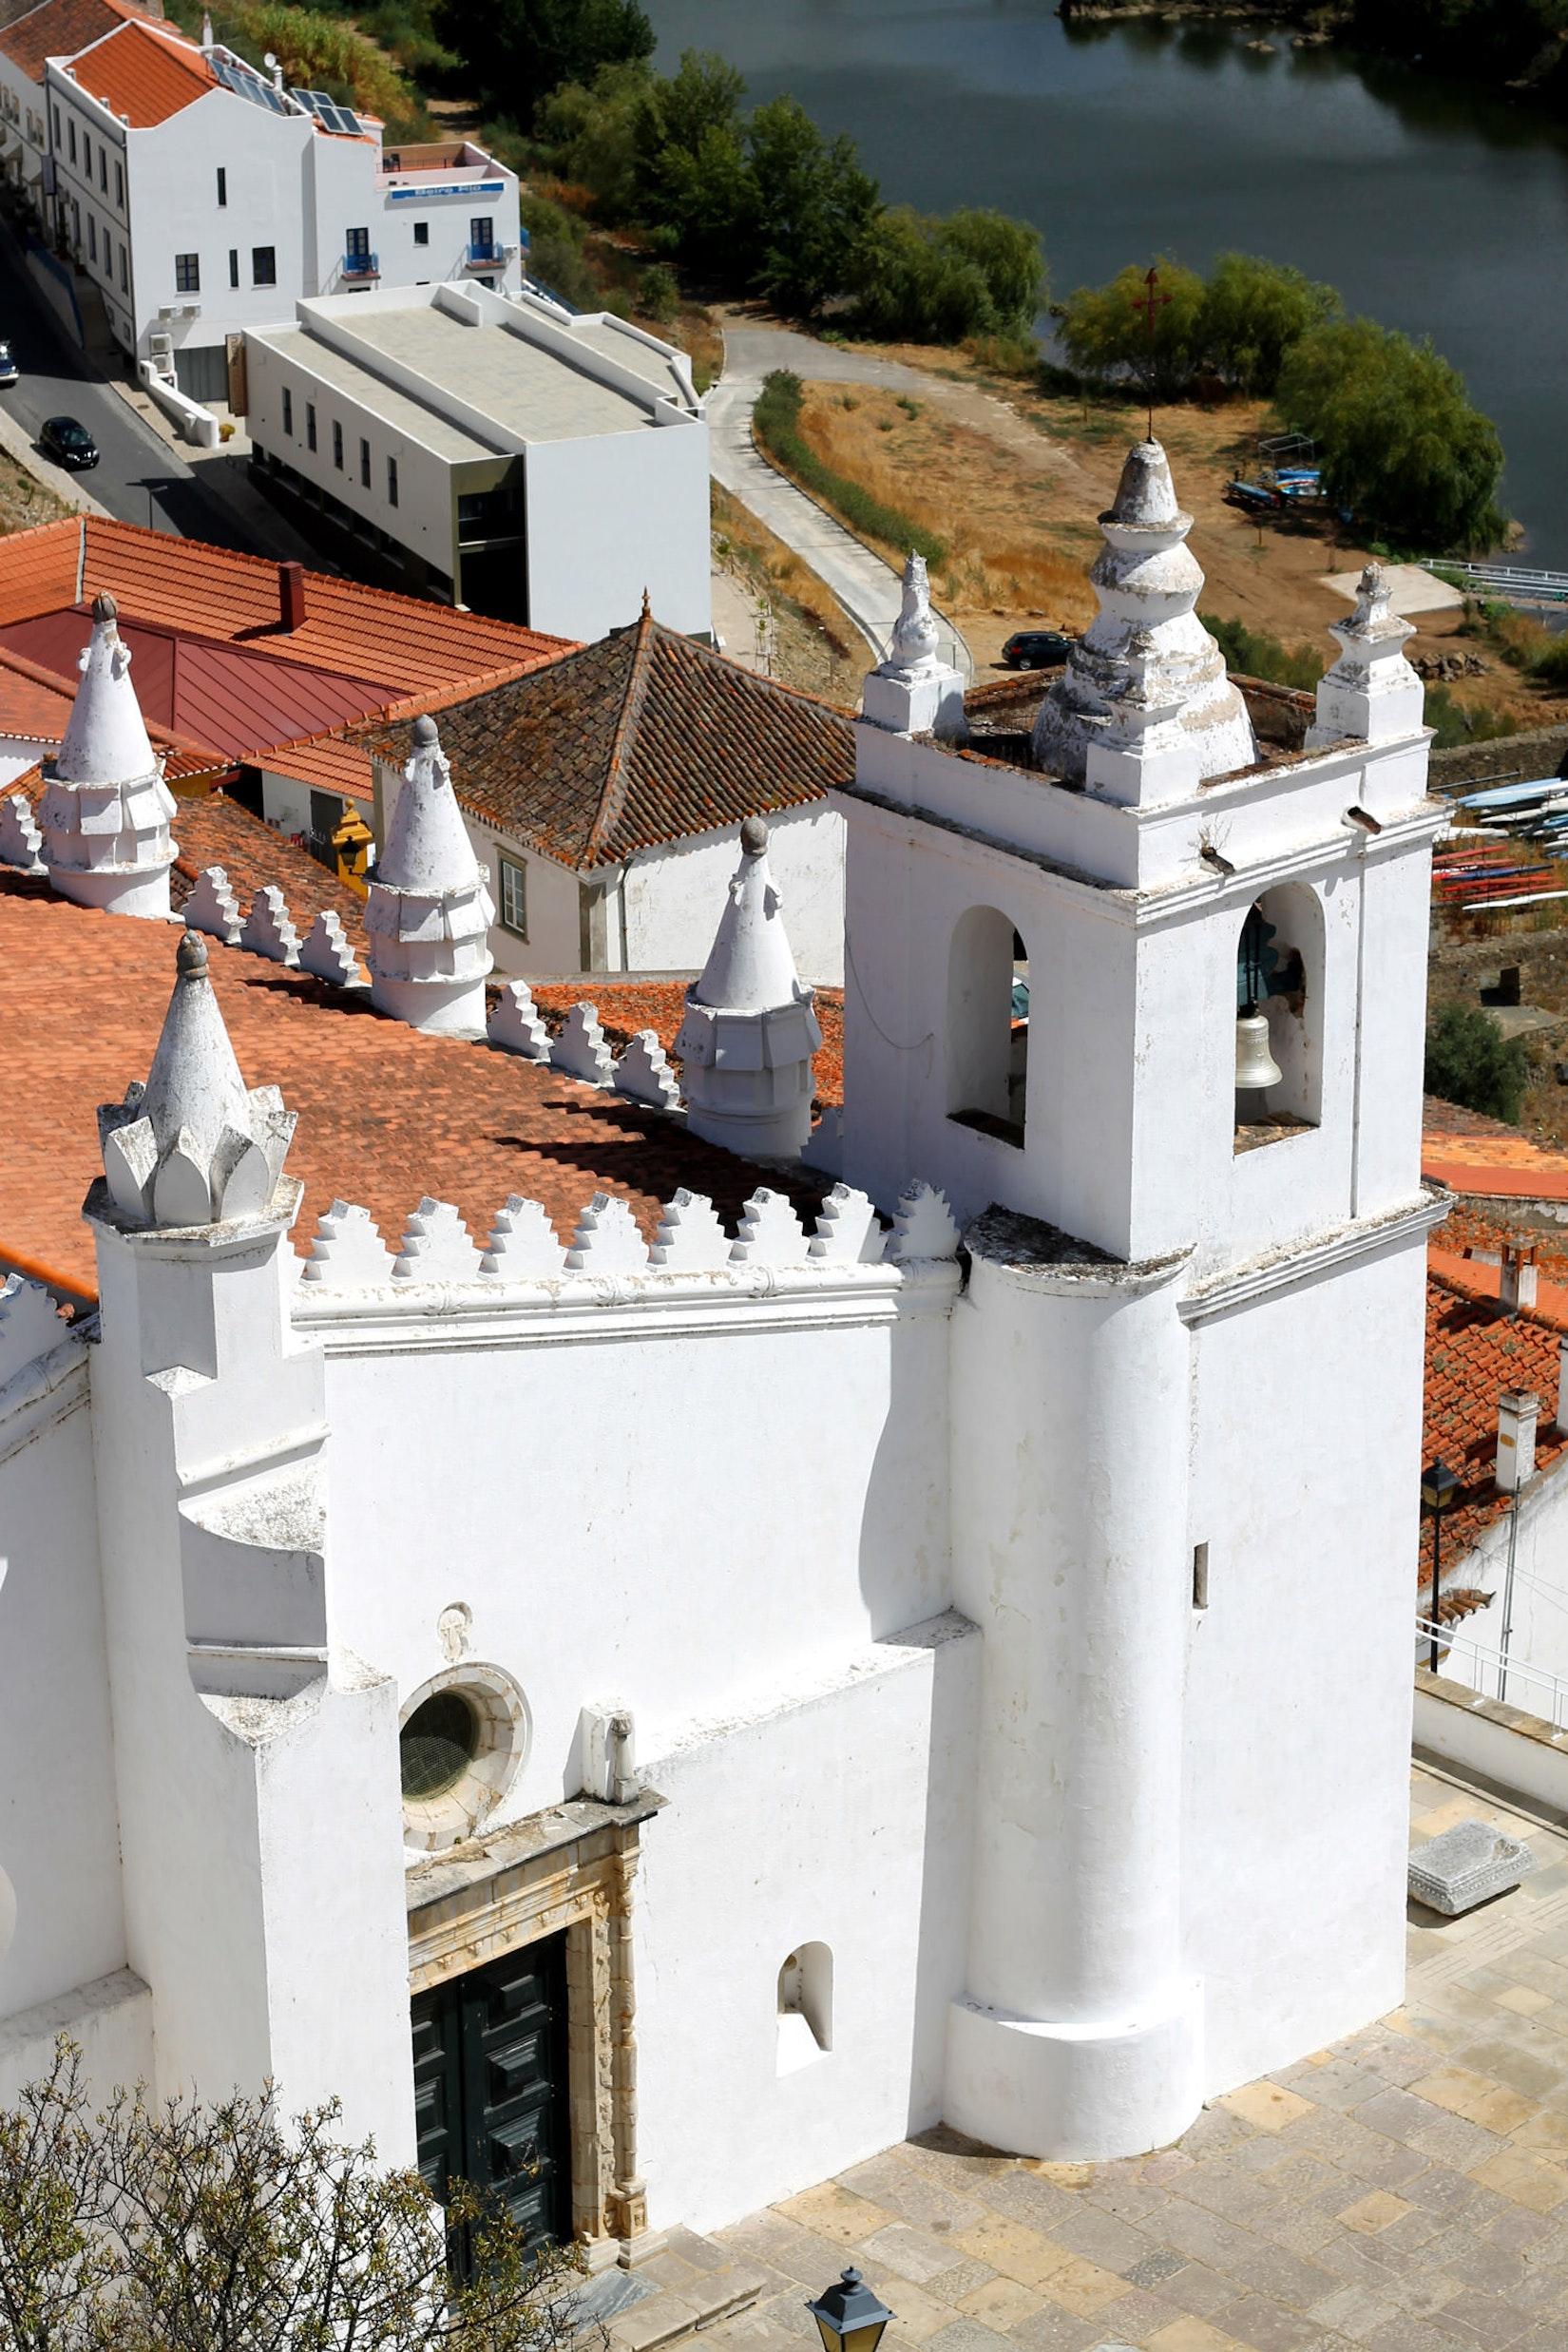 A castle in Mertola